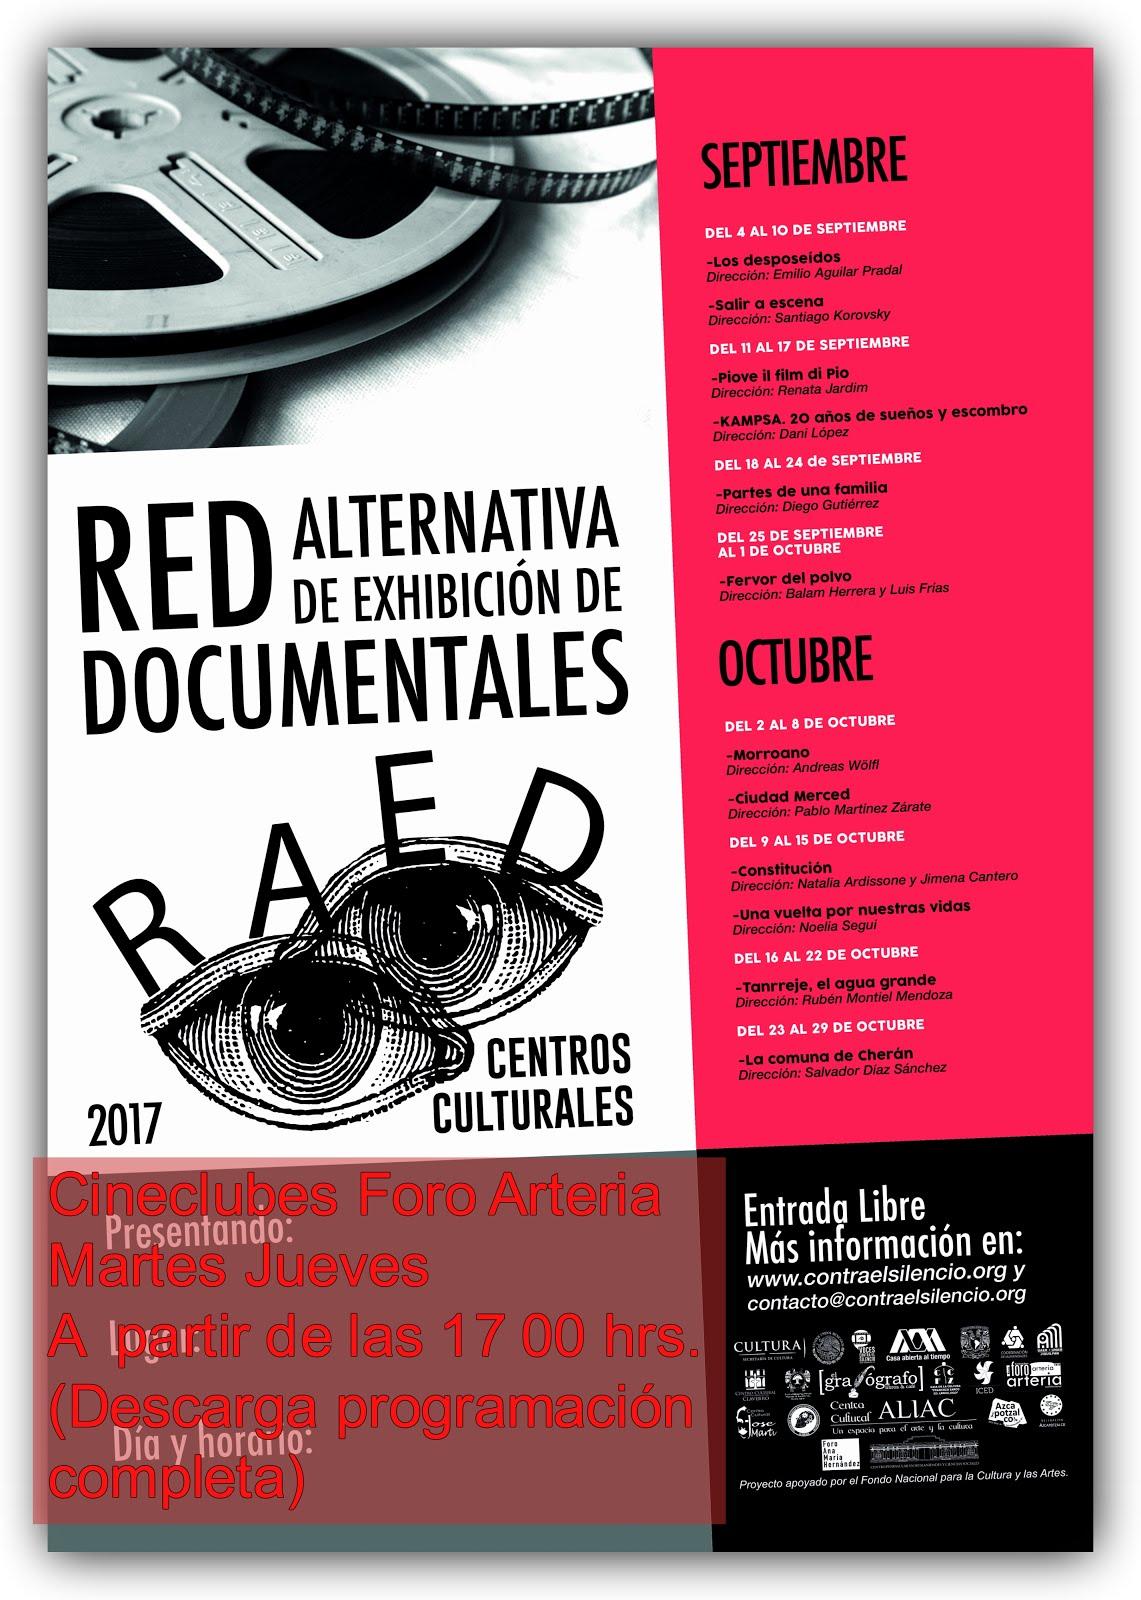 RAED Red Alternativa de Exhibición de Documentales Septiembre /Octubre